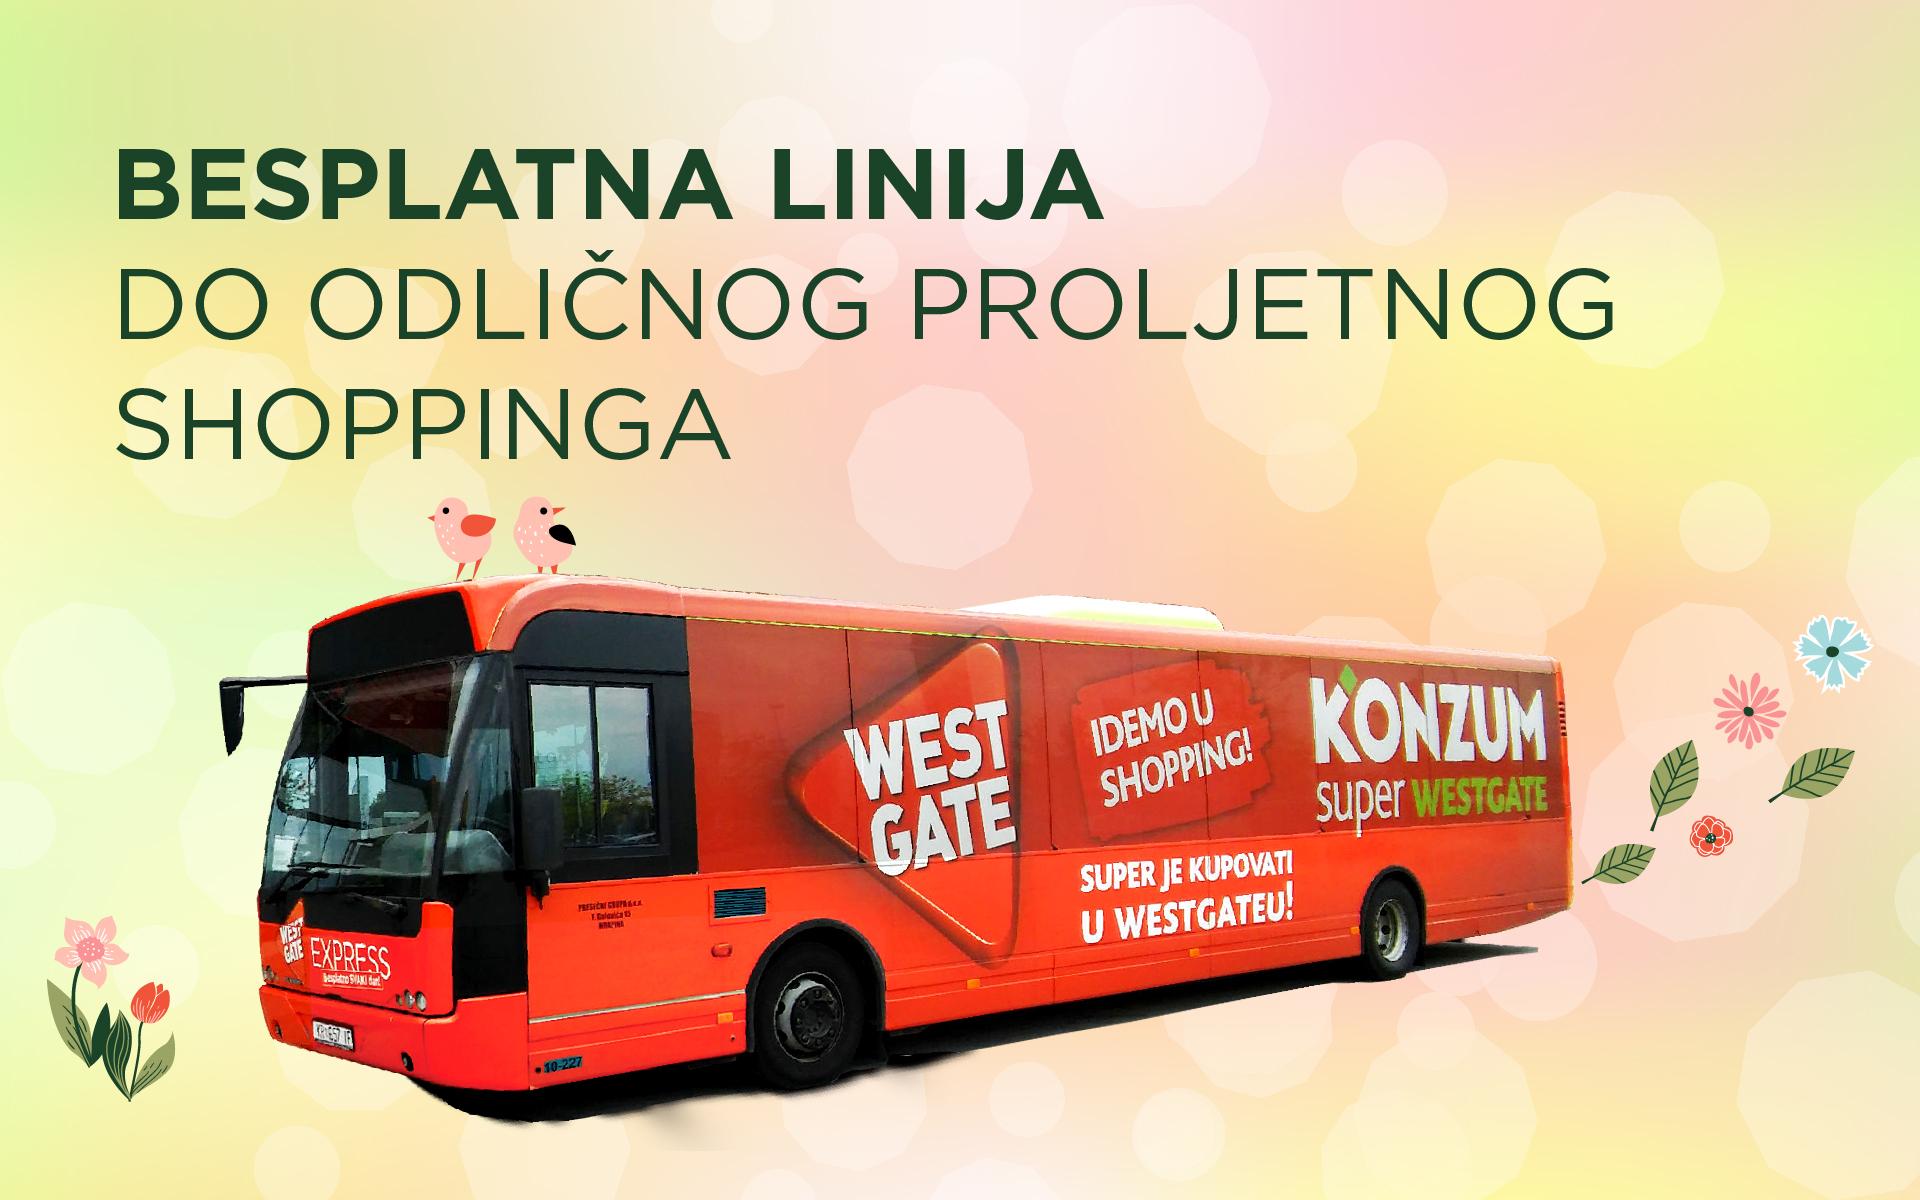 Obavijest: Westgate autobusi